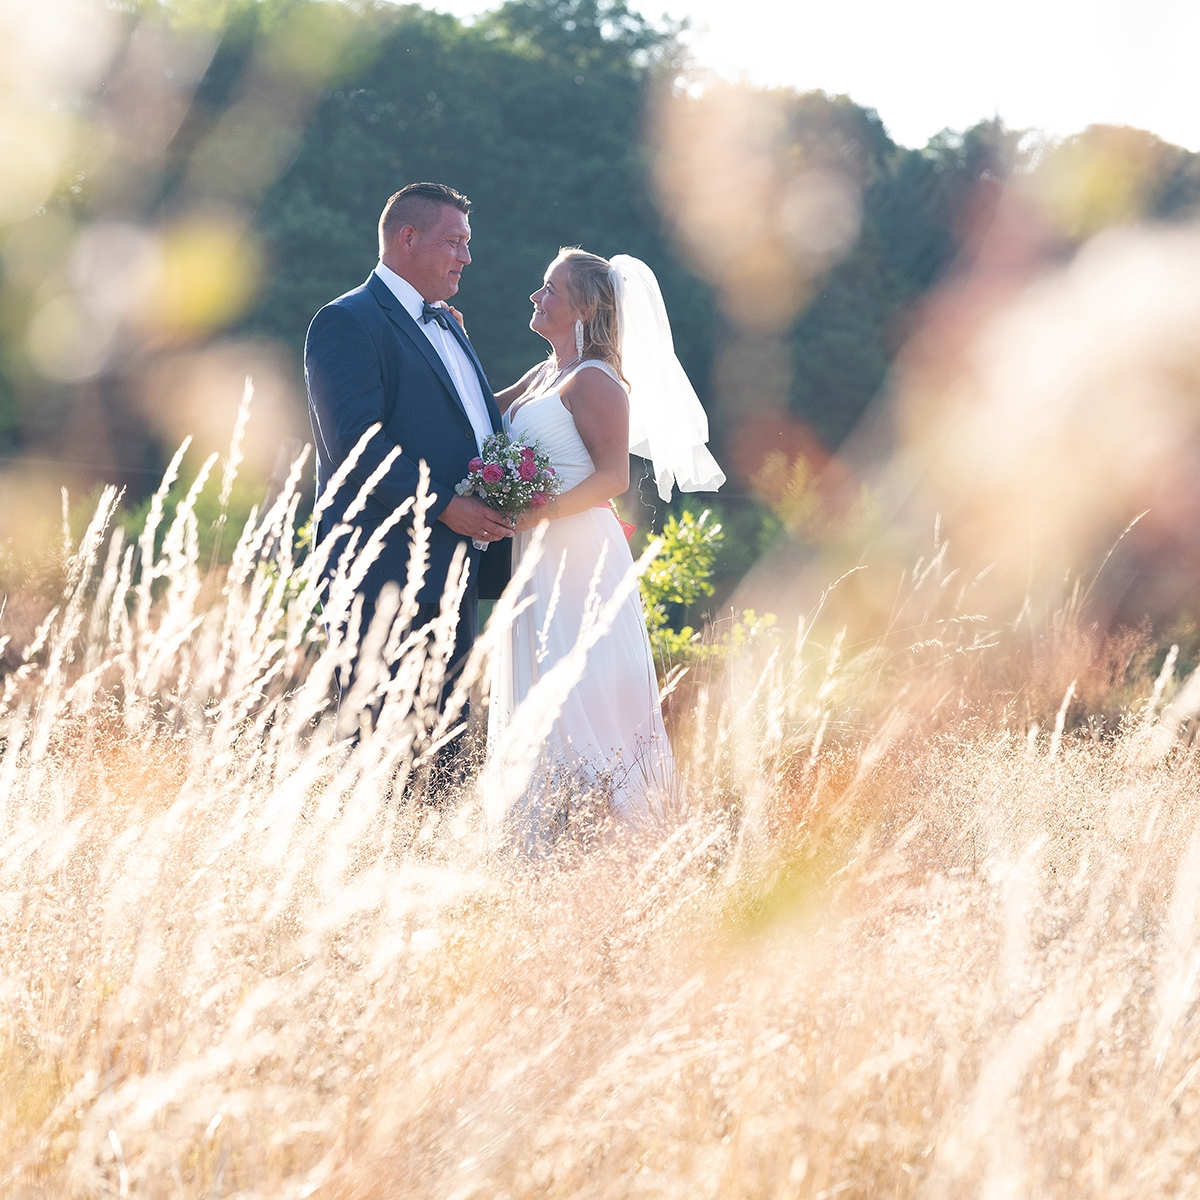 Romantisk bryllupsfoto i naturen